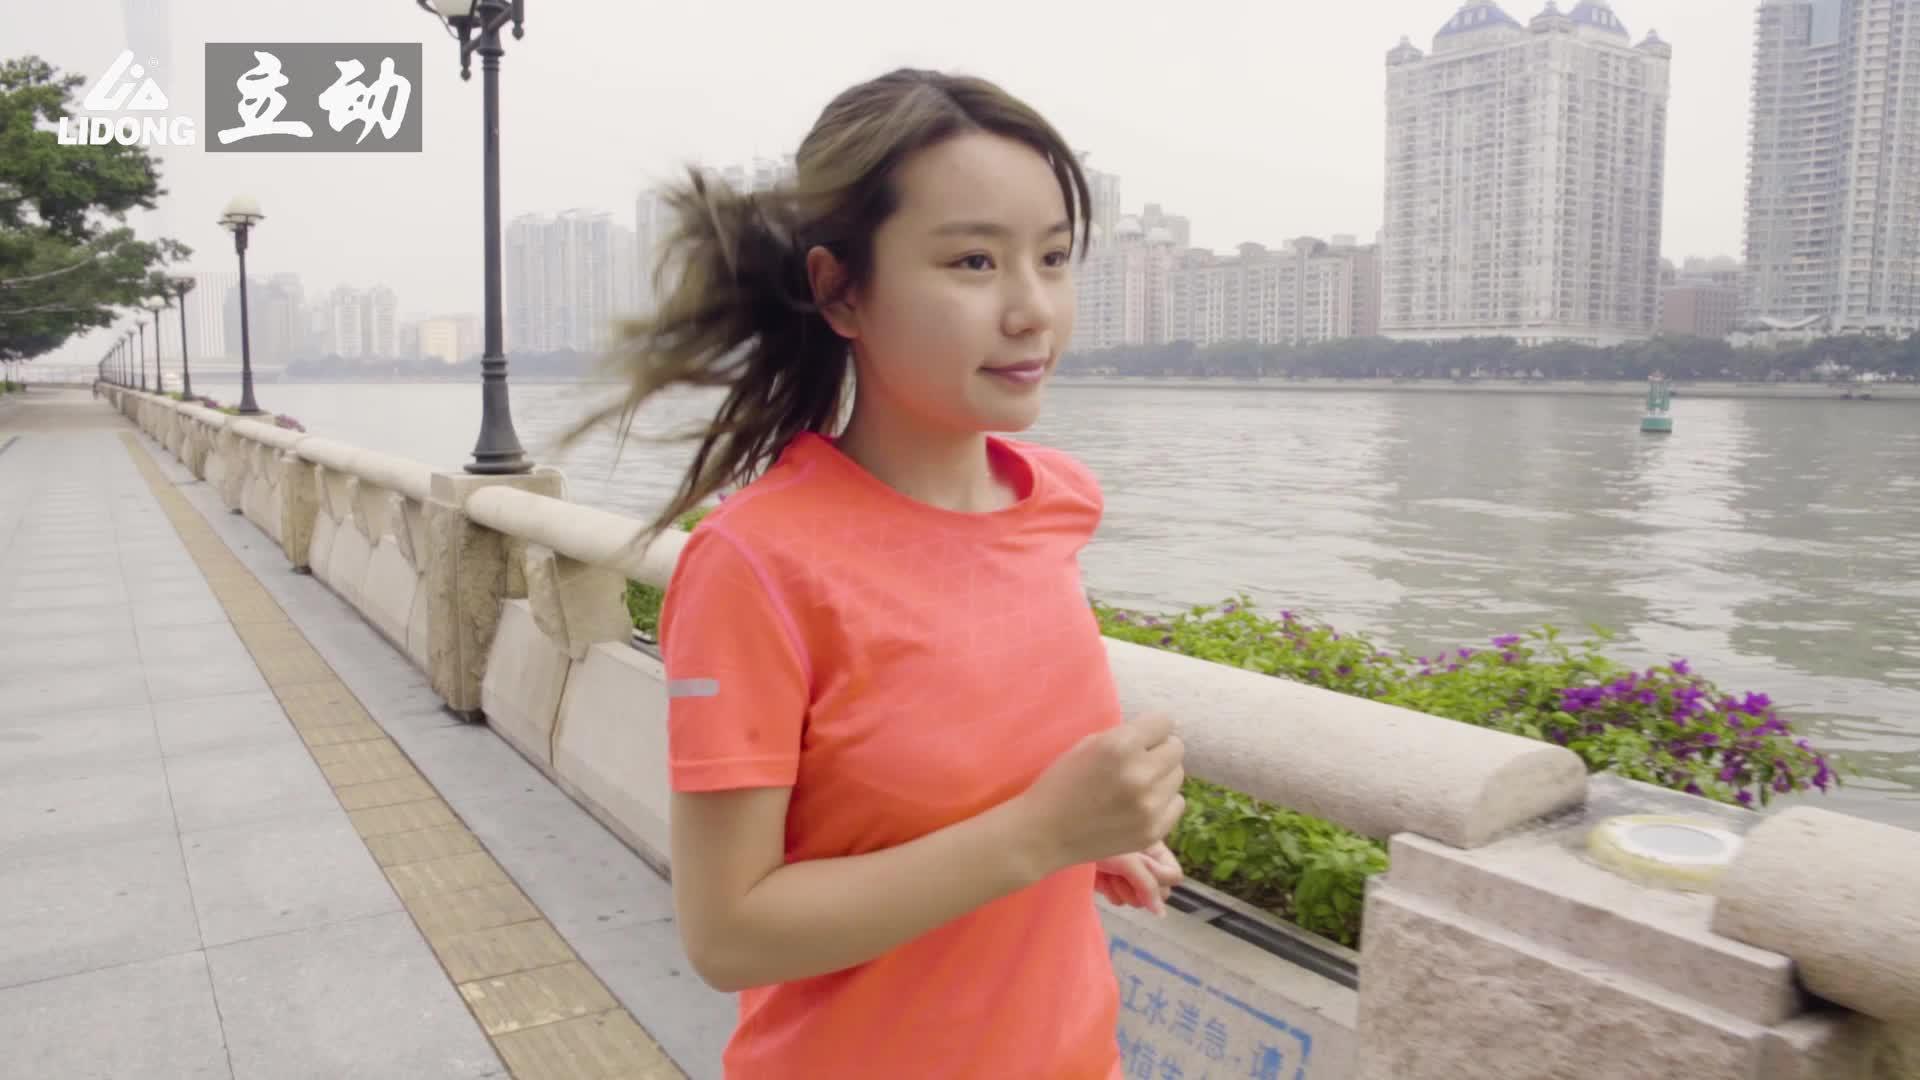 Tùy chỉnh Biểu Tượng Người Đàn Ông Trống Chạy Bộ Phù Hợp Với, Bán Buôn Phụ Nữ Sweatsuit Mồ Hôi Phù Hợp Với, Unisex Jogger Sweatsuit Bộ